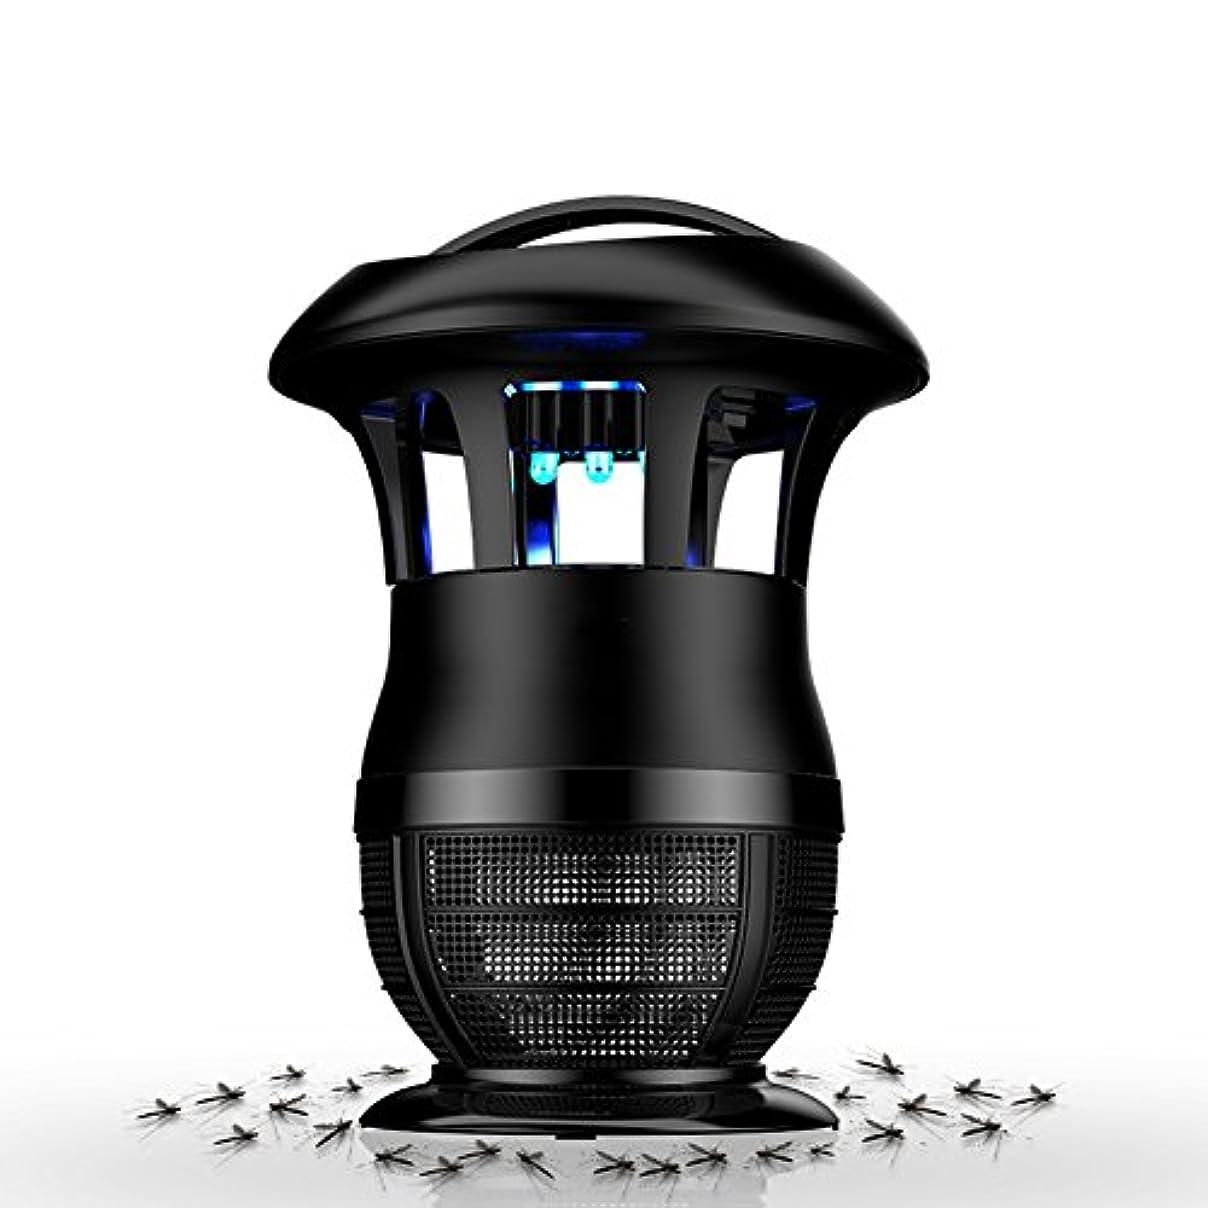 そこ凍った抵抗するWENZHE 蚊対策 殺虫器灯 誘虫灯 虫除け 世帯 インドア プラグインタイプ サイレント 放射線なし 吸入タイプ 防蚊装置 ブラック、 13×23cm